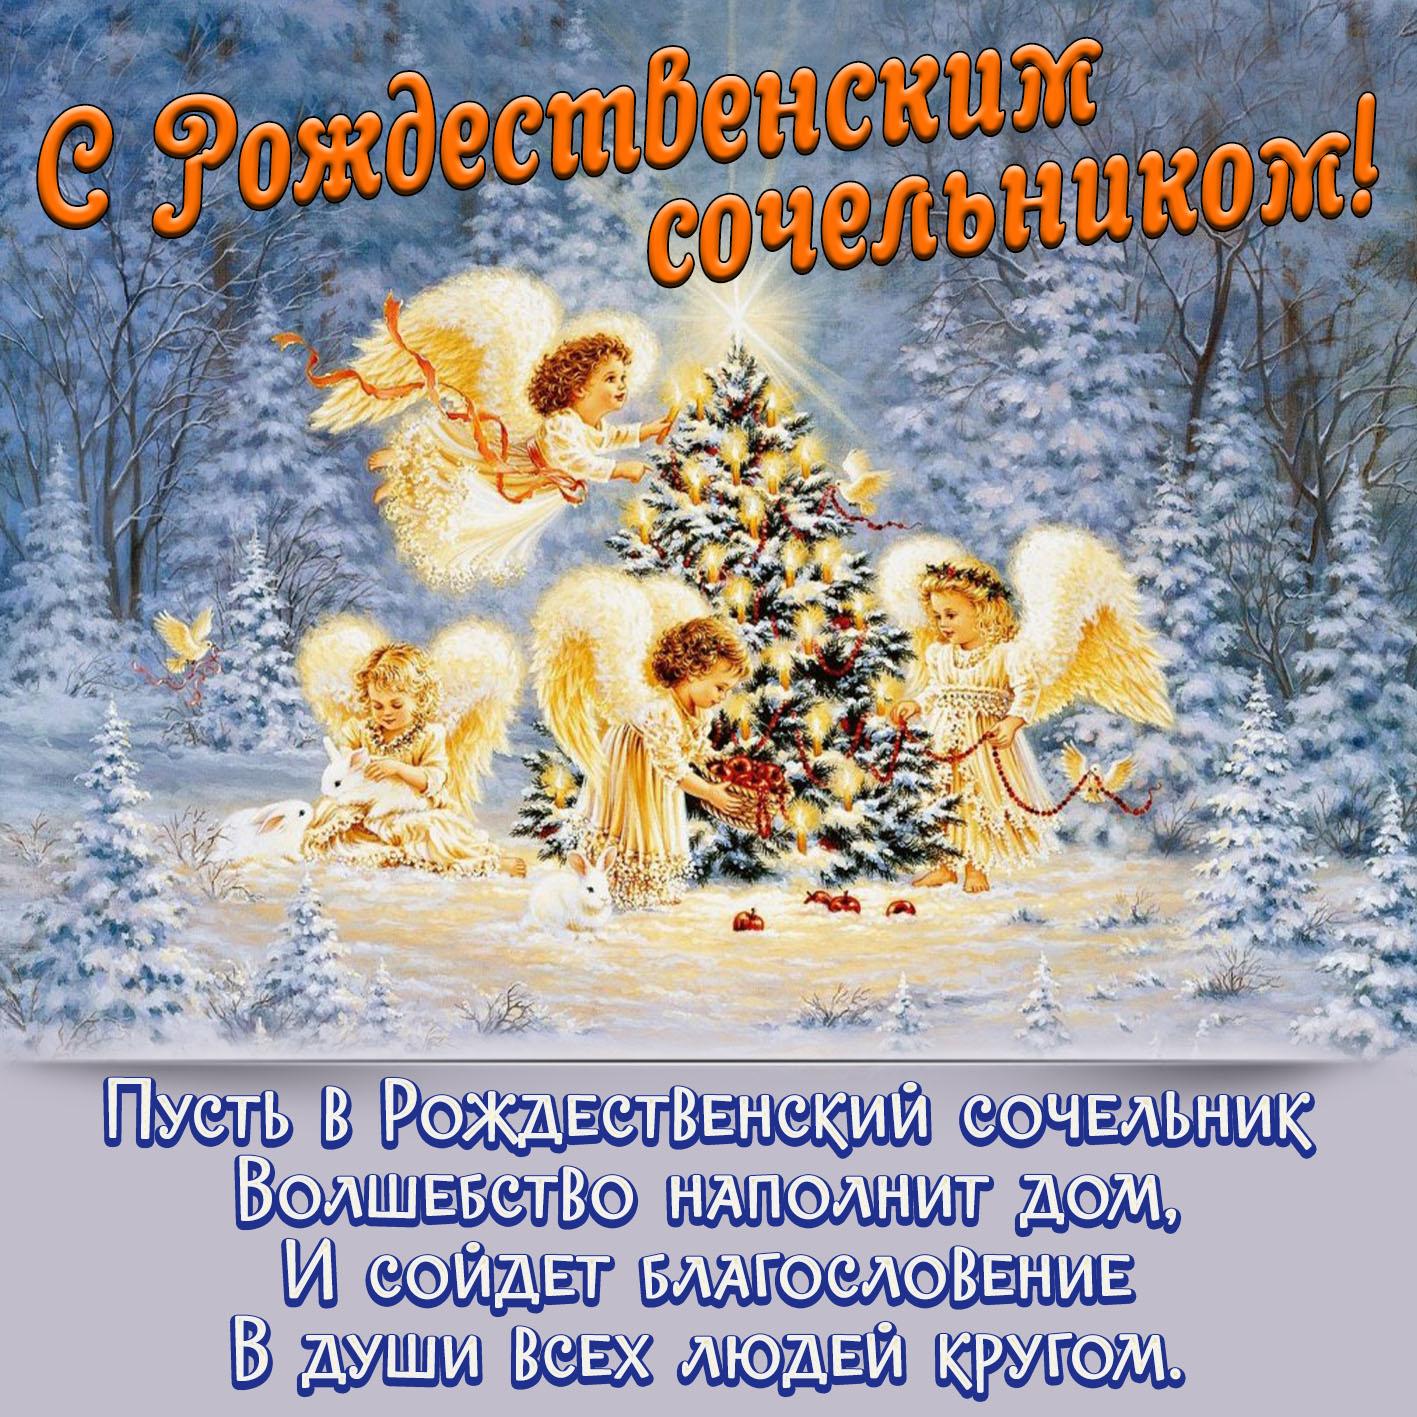 Поздравления с Рождественским Сочельником